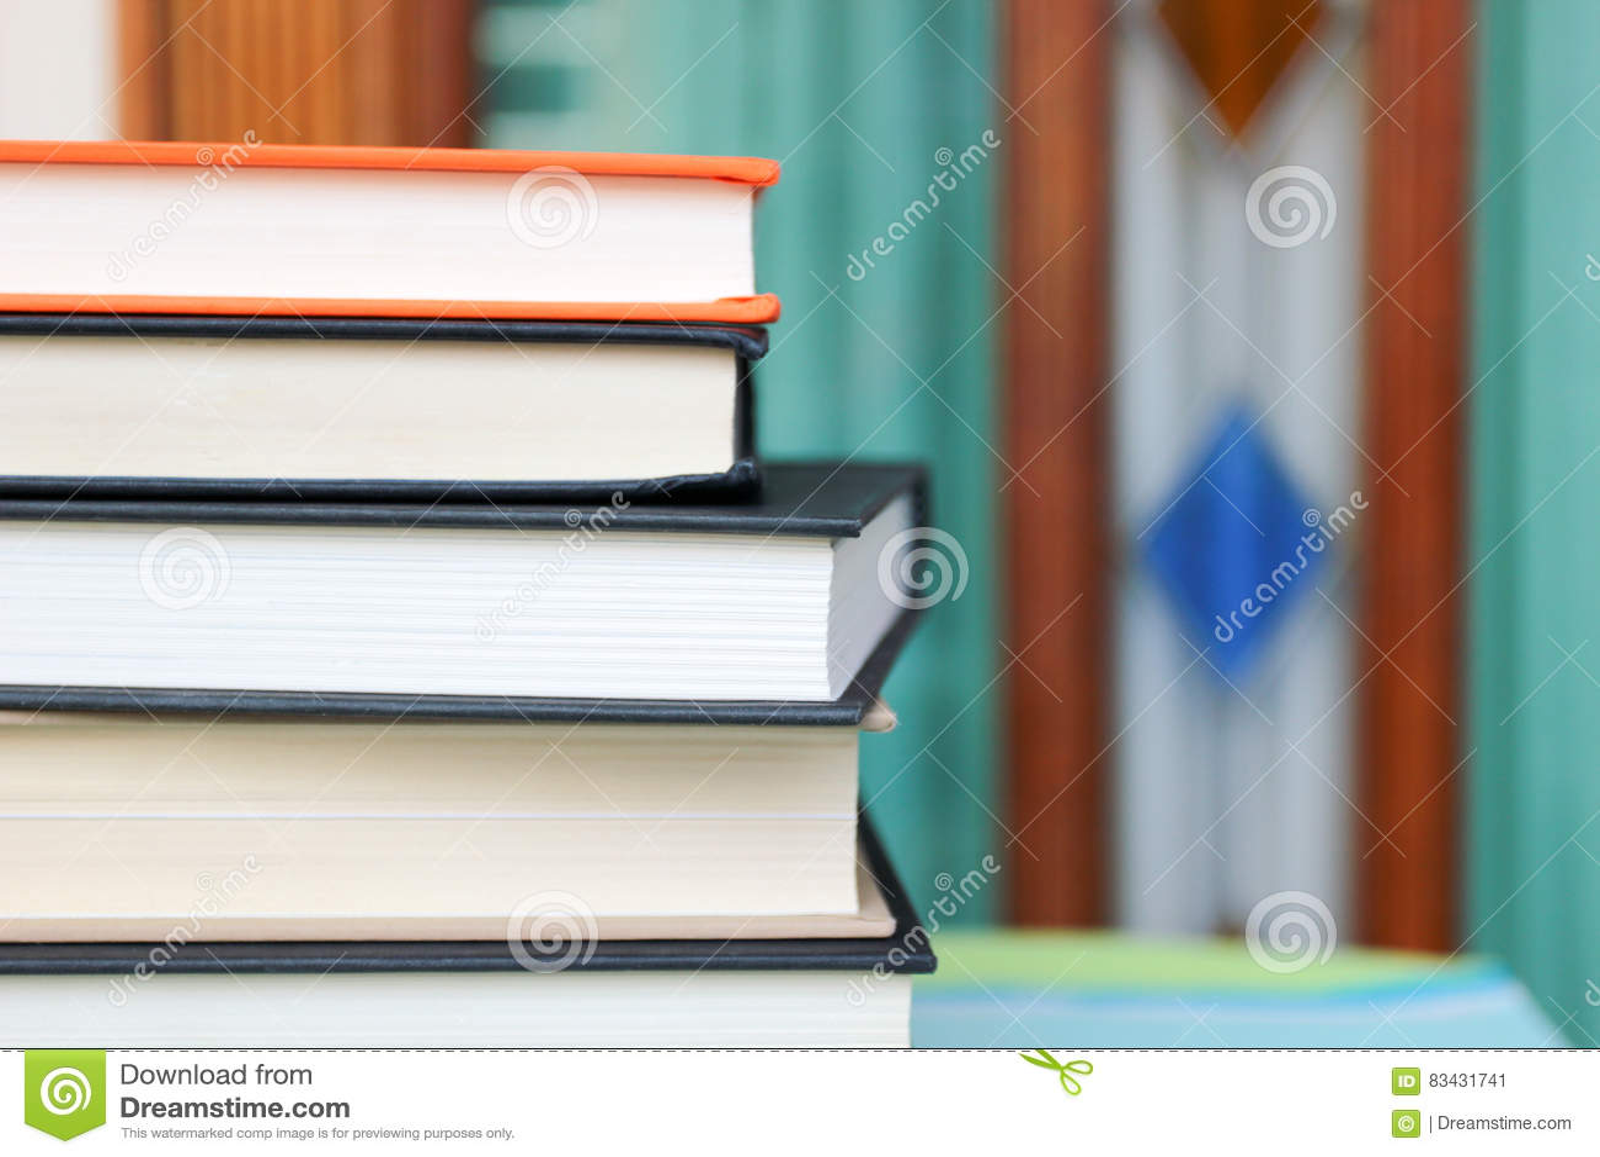 απομονωμένη βιβλία στοίβα σειράς